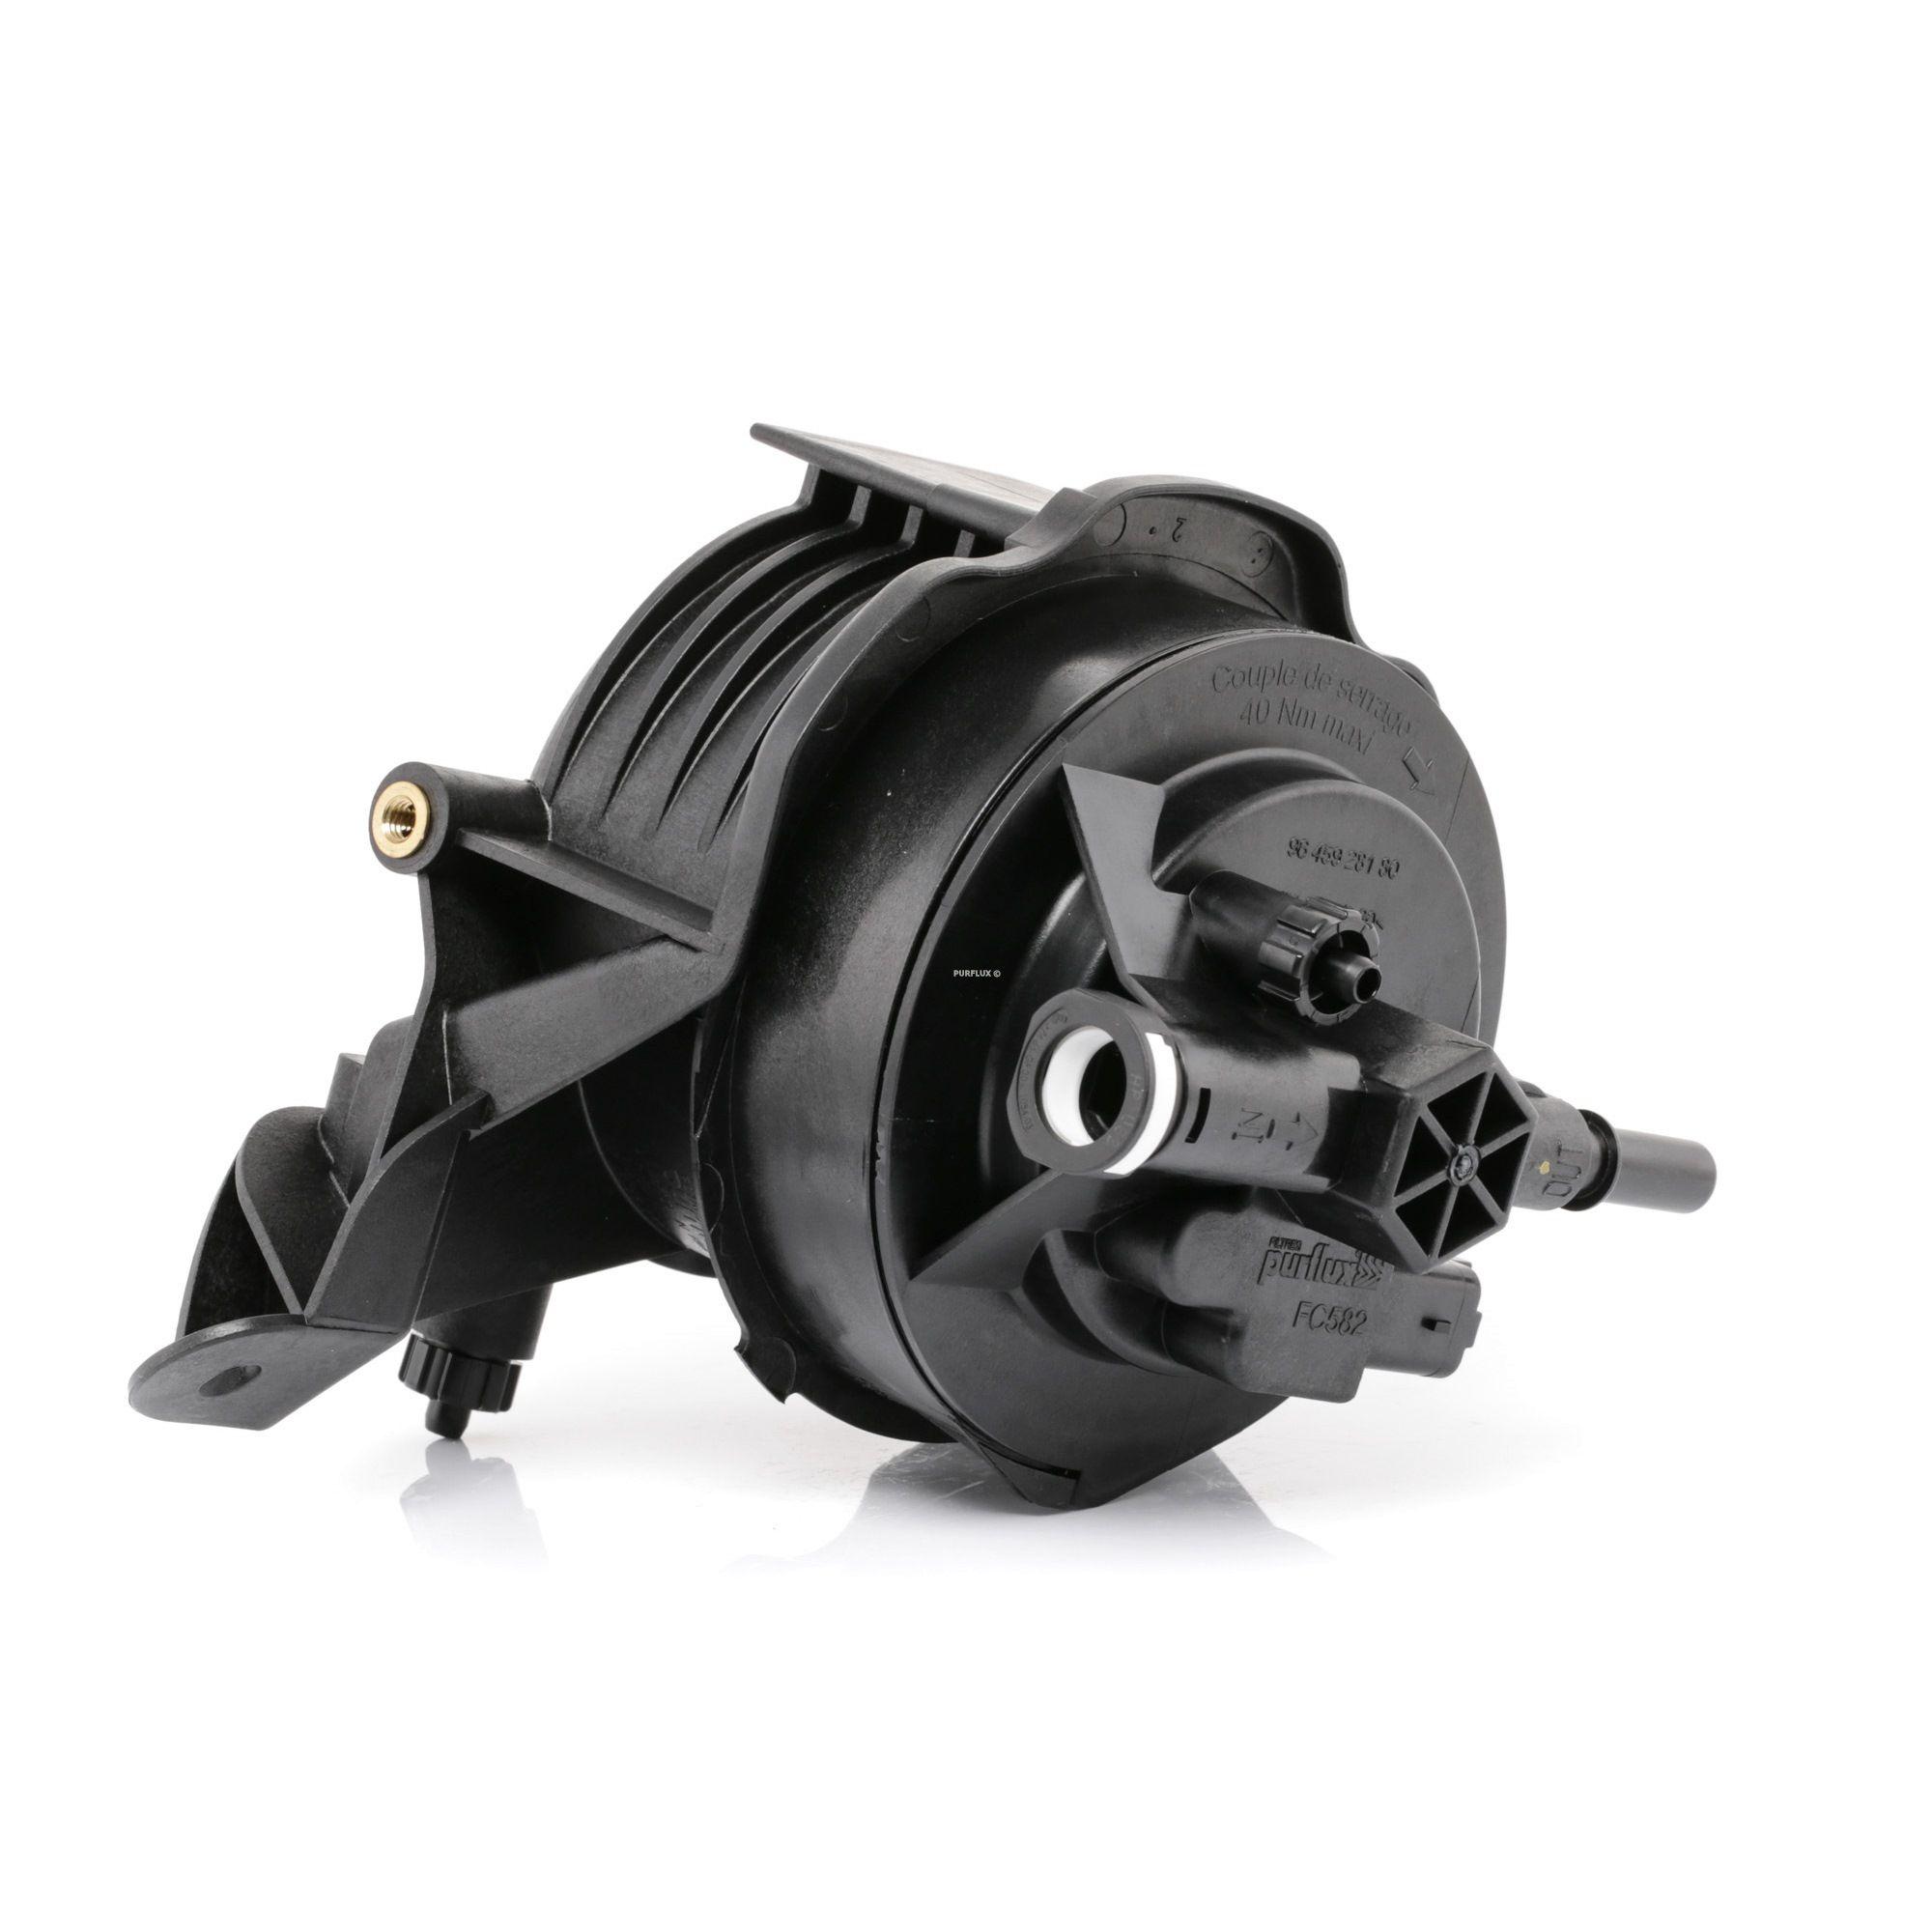 Palivovy filtr FC582 koupit 24/7!